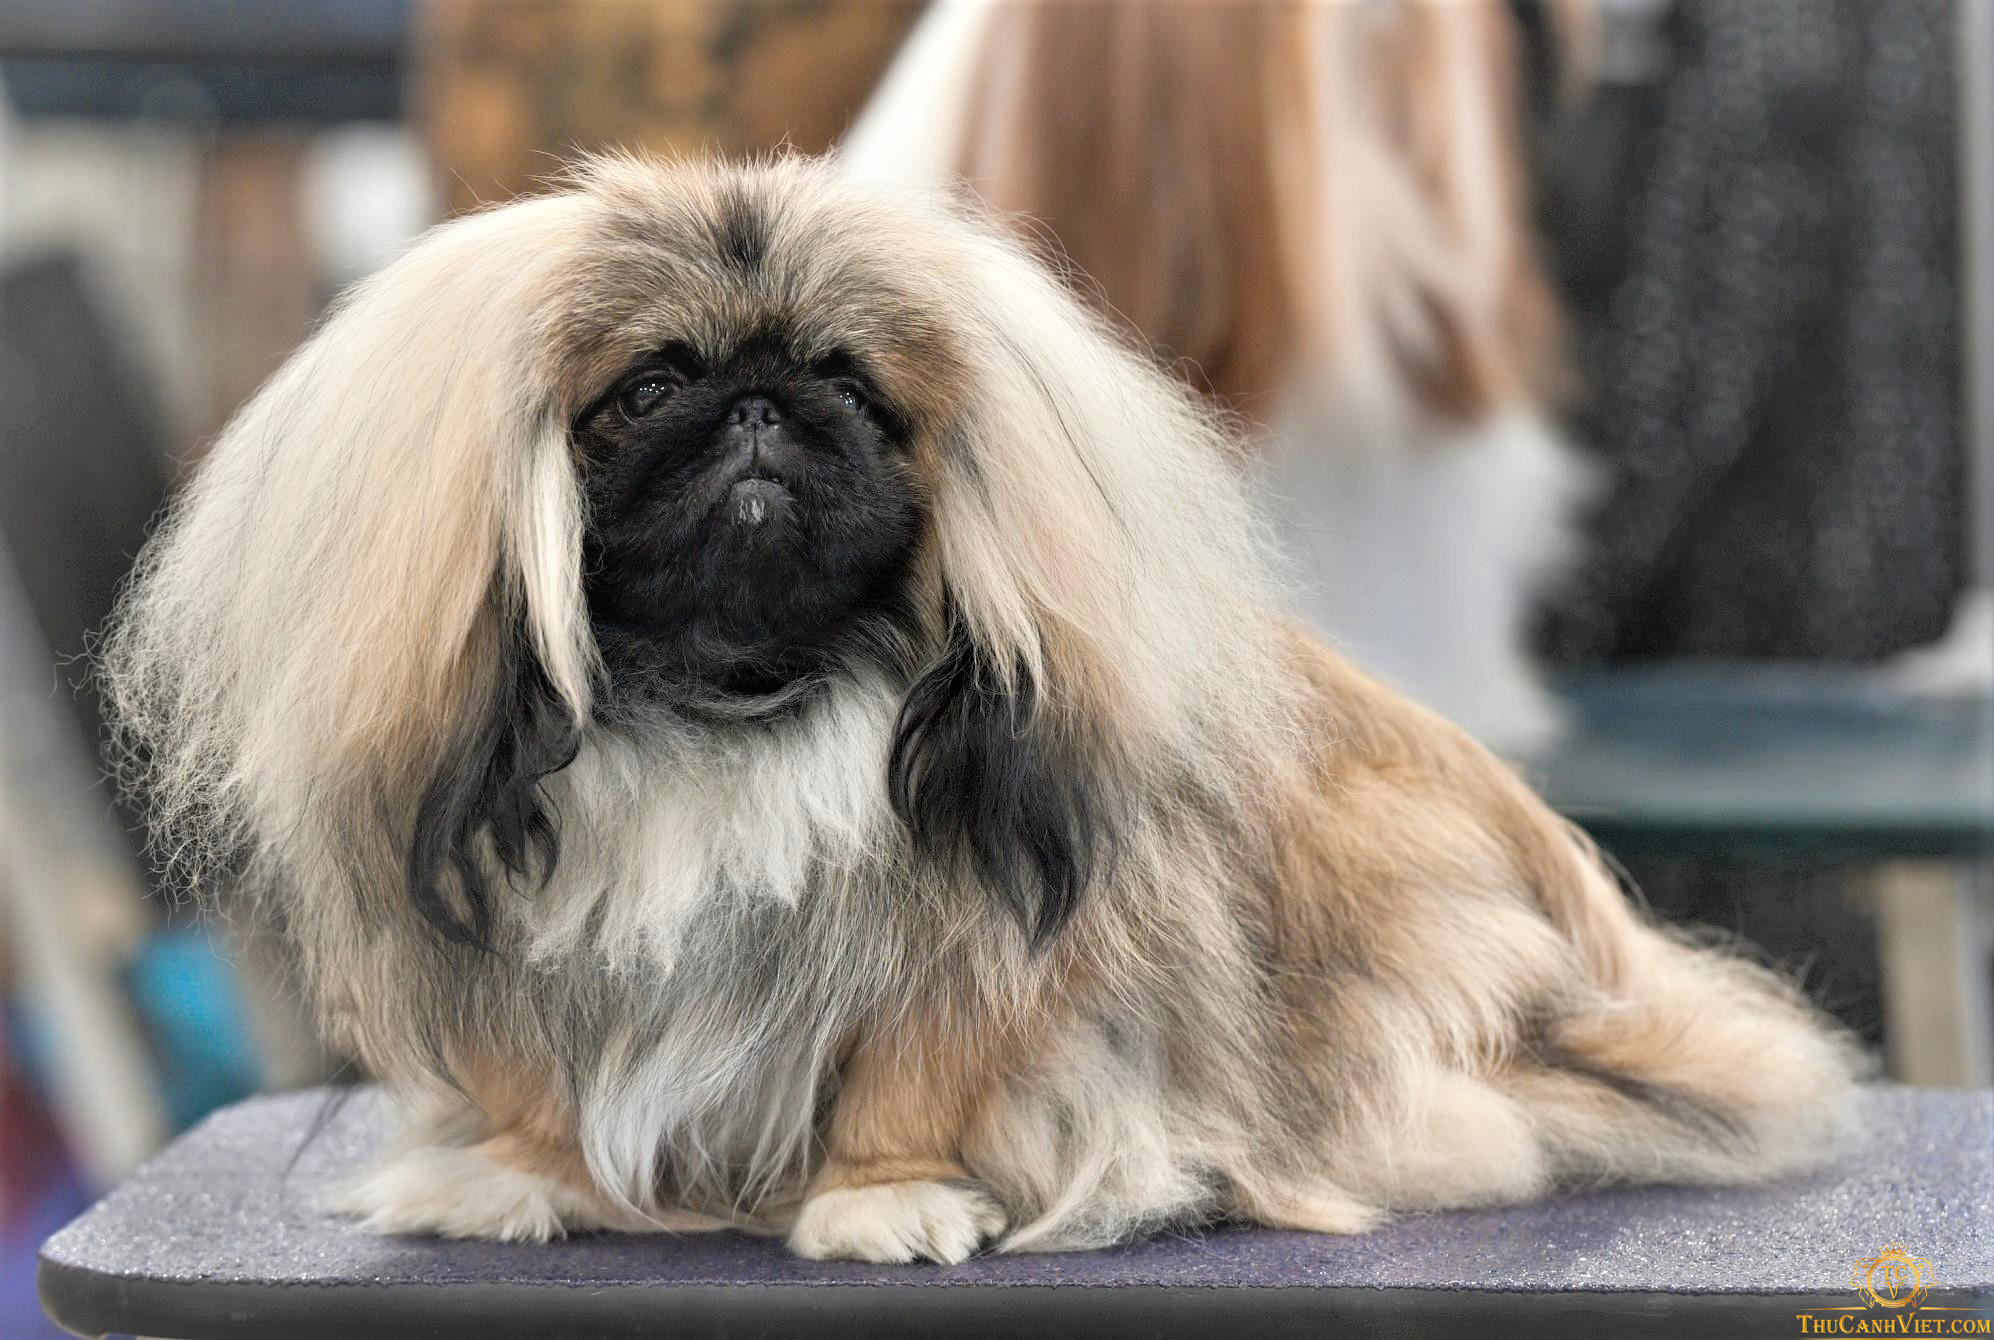 Chó Pekingese tuyển chọn tham gia cuộc thi Dog Show quốc tế